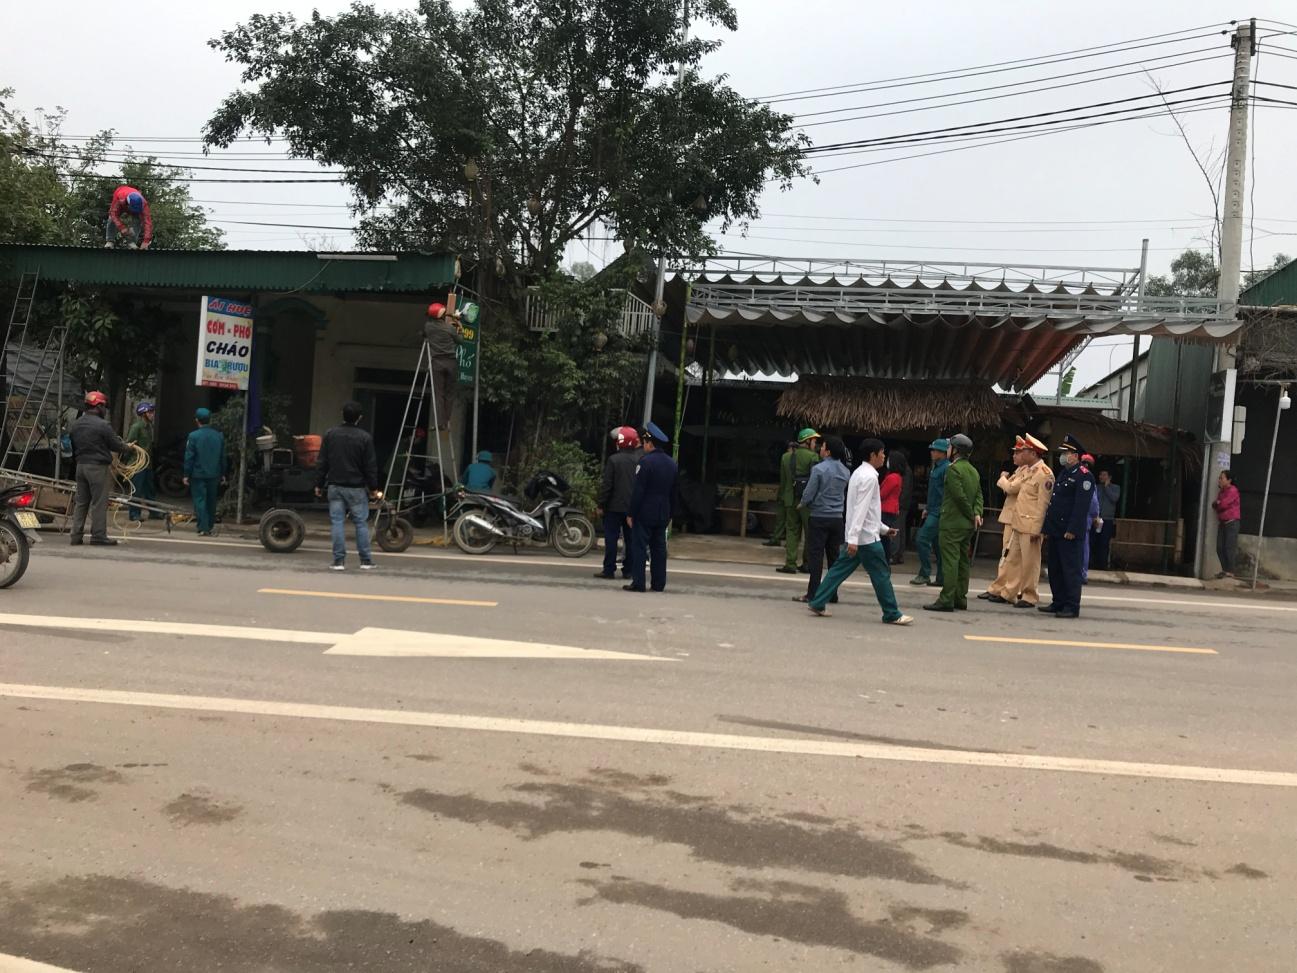 Ra quân giải tỏa hành lang an toàn giao thông trên tuyến Quốc lộ 15B,  đường tỉnh ĐT 548 qua địa bàn Thị Trấn Đồng Lộc.